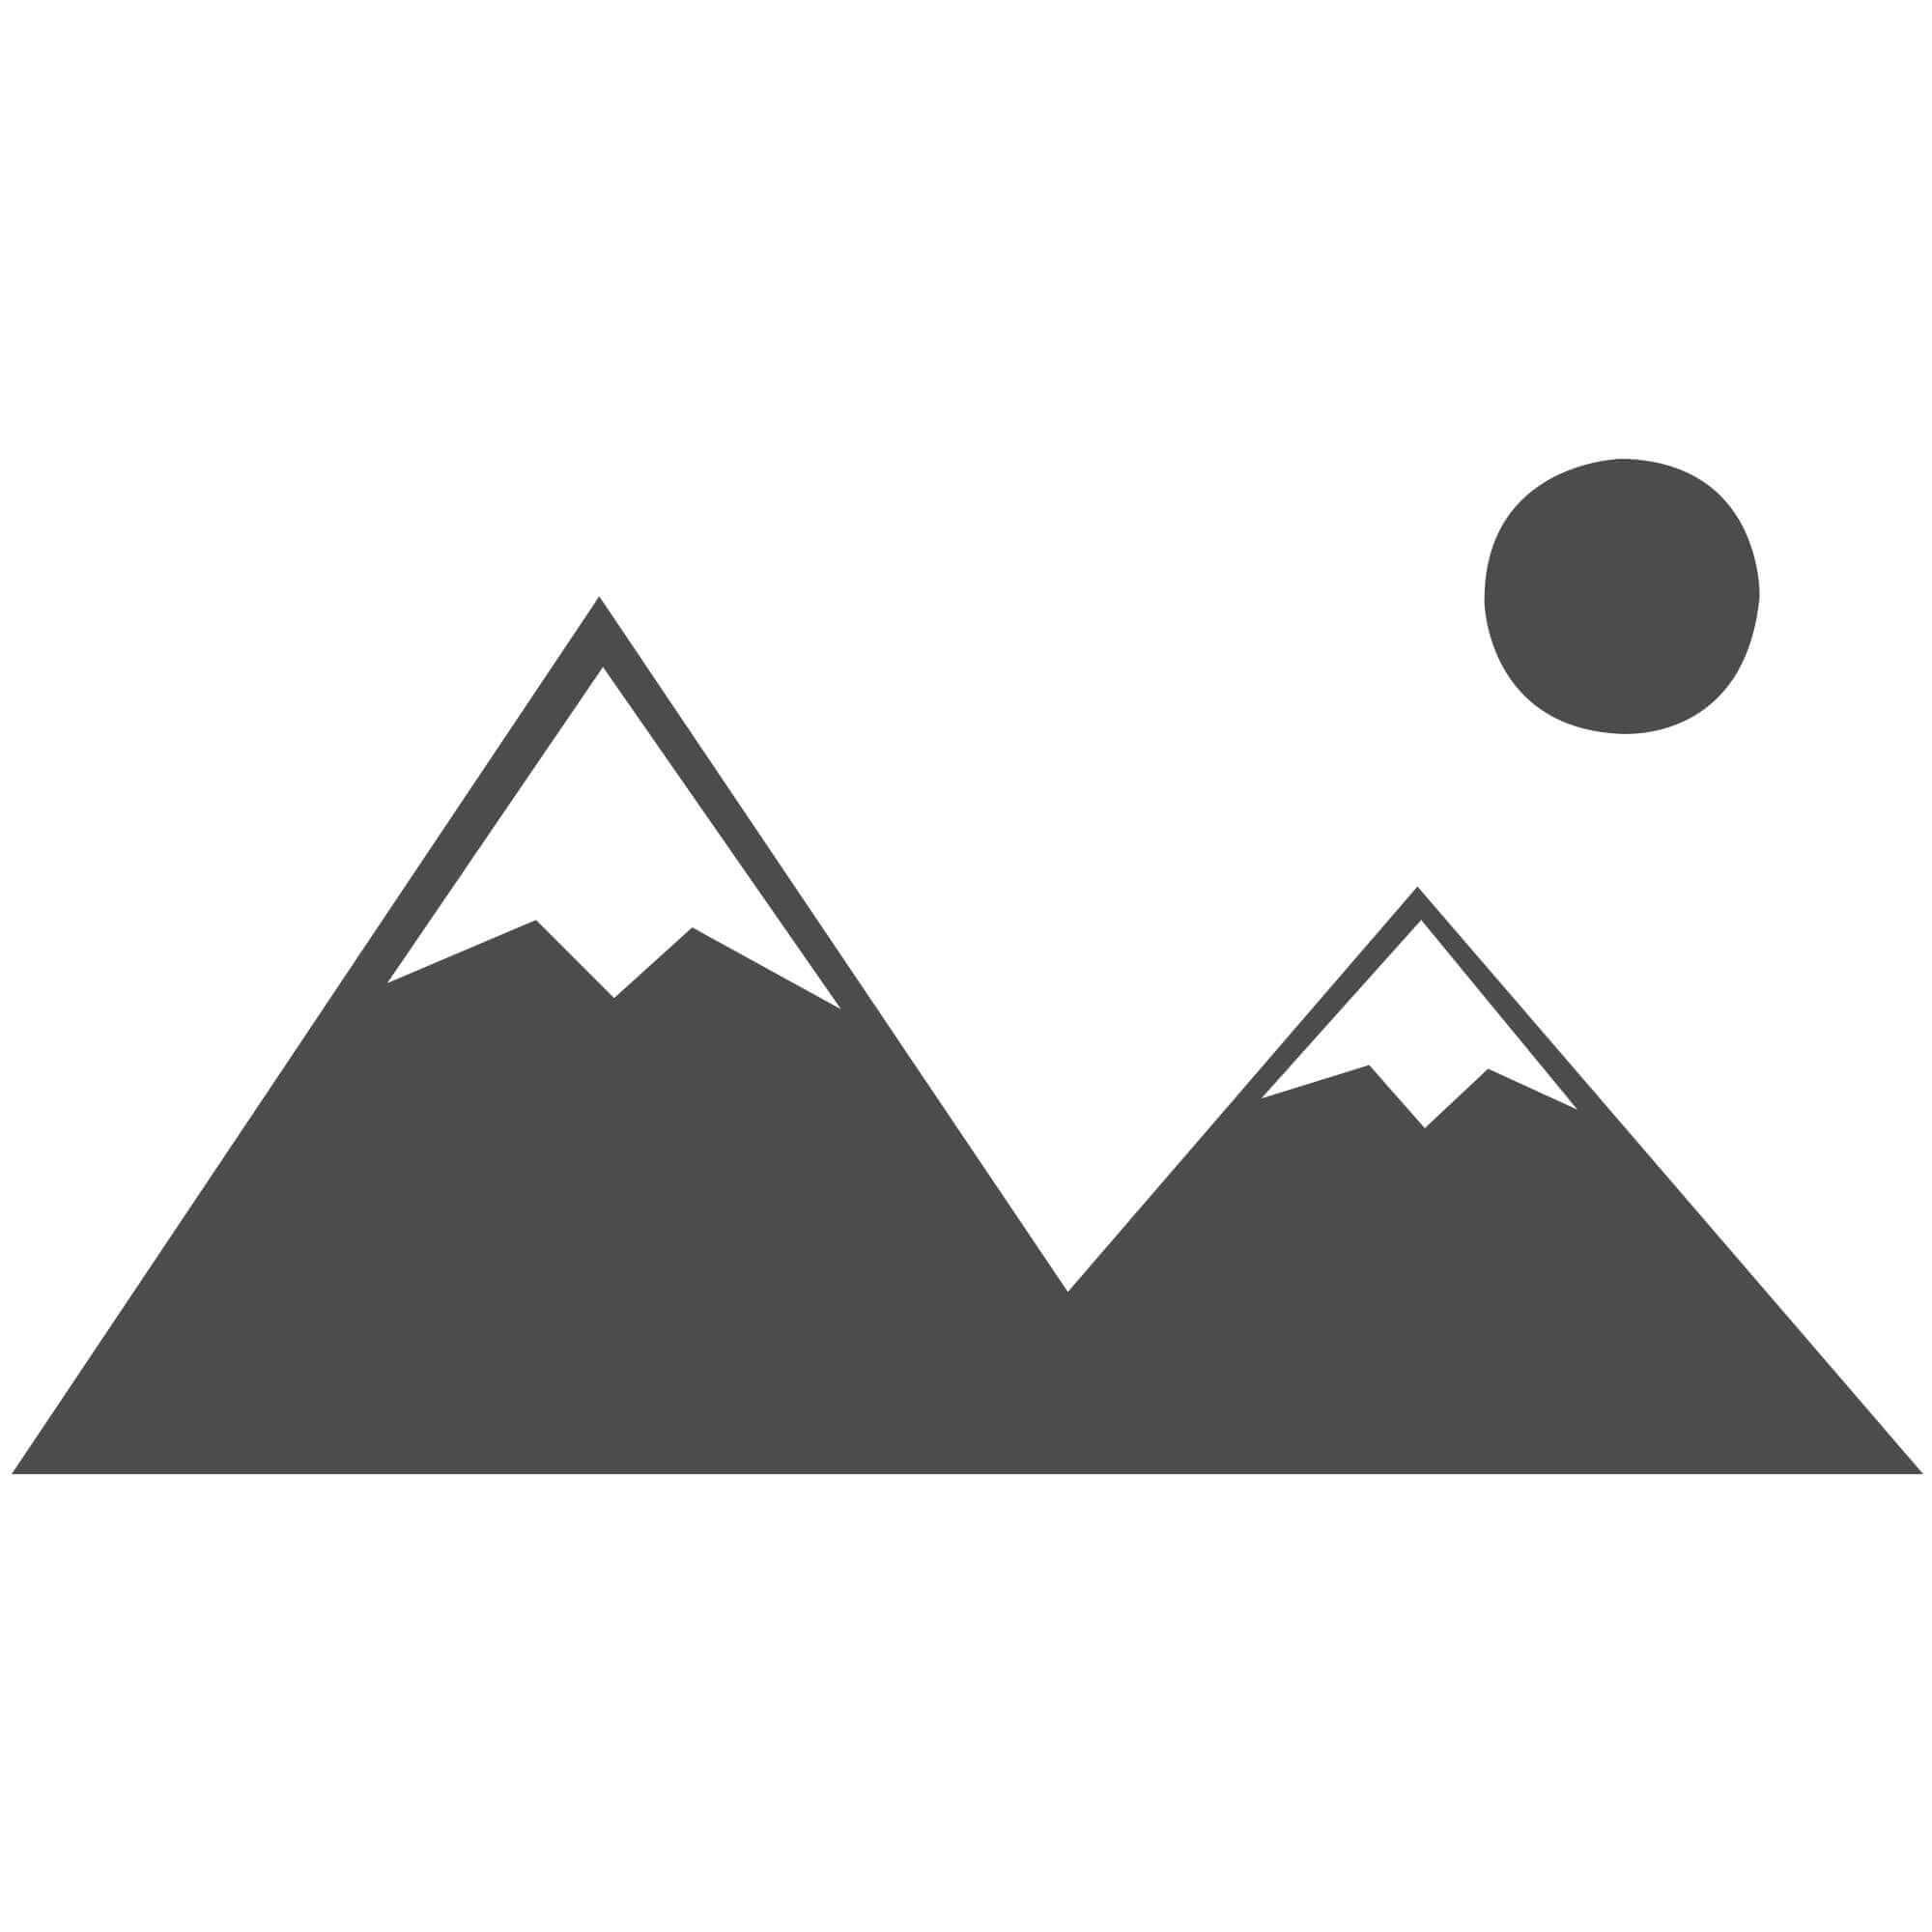 """Lulu Shaggy Rug - Sand - Size 200 x 290 cm (6'7"""" x 9'6"""")"""